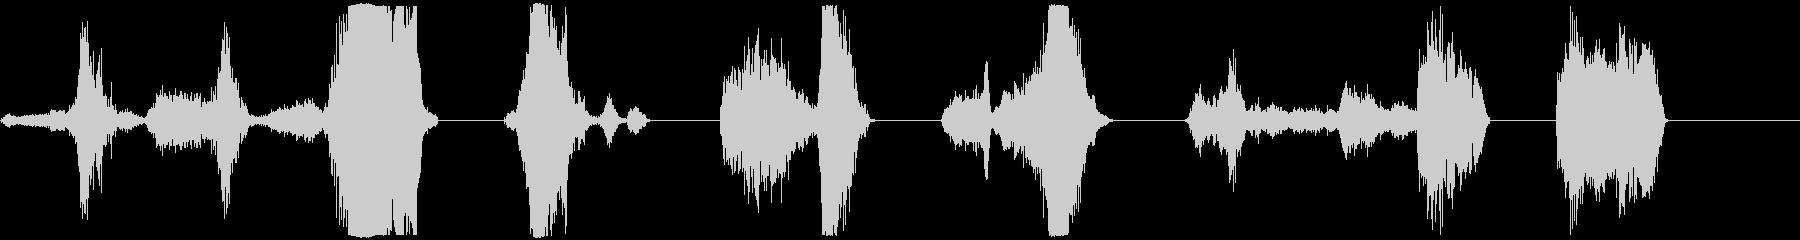 アタックボーカルコンプ、男性X3、...の未再生の波形